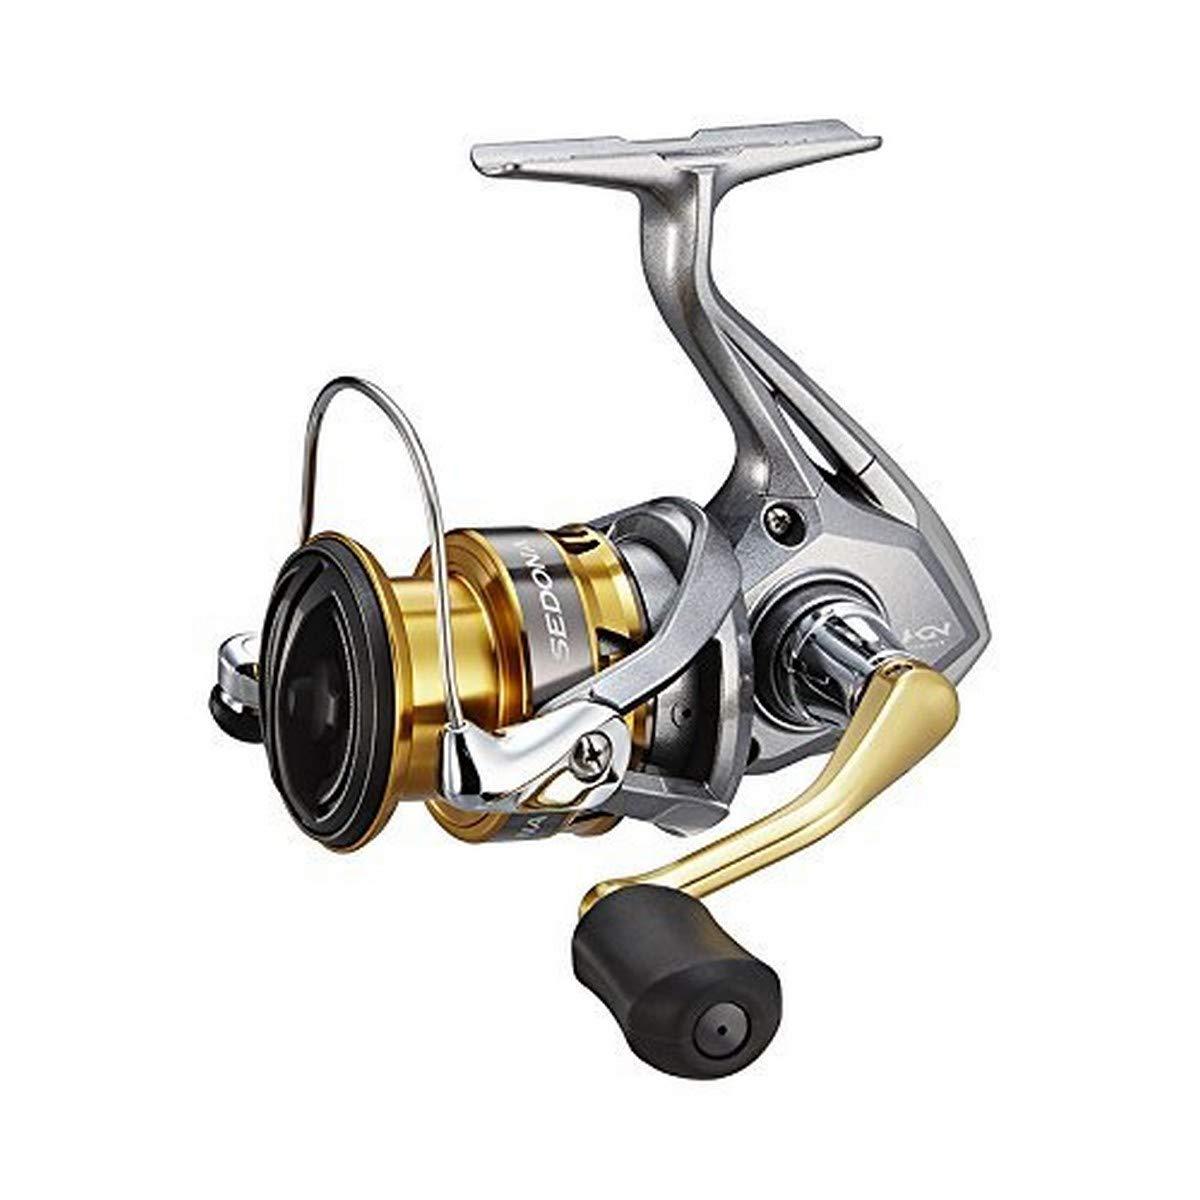 Shimano Sedona 8000FI; Freshwater Spinning Fishing Reel